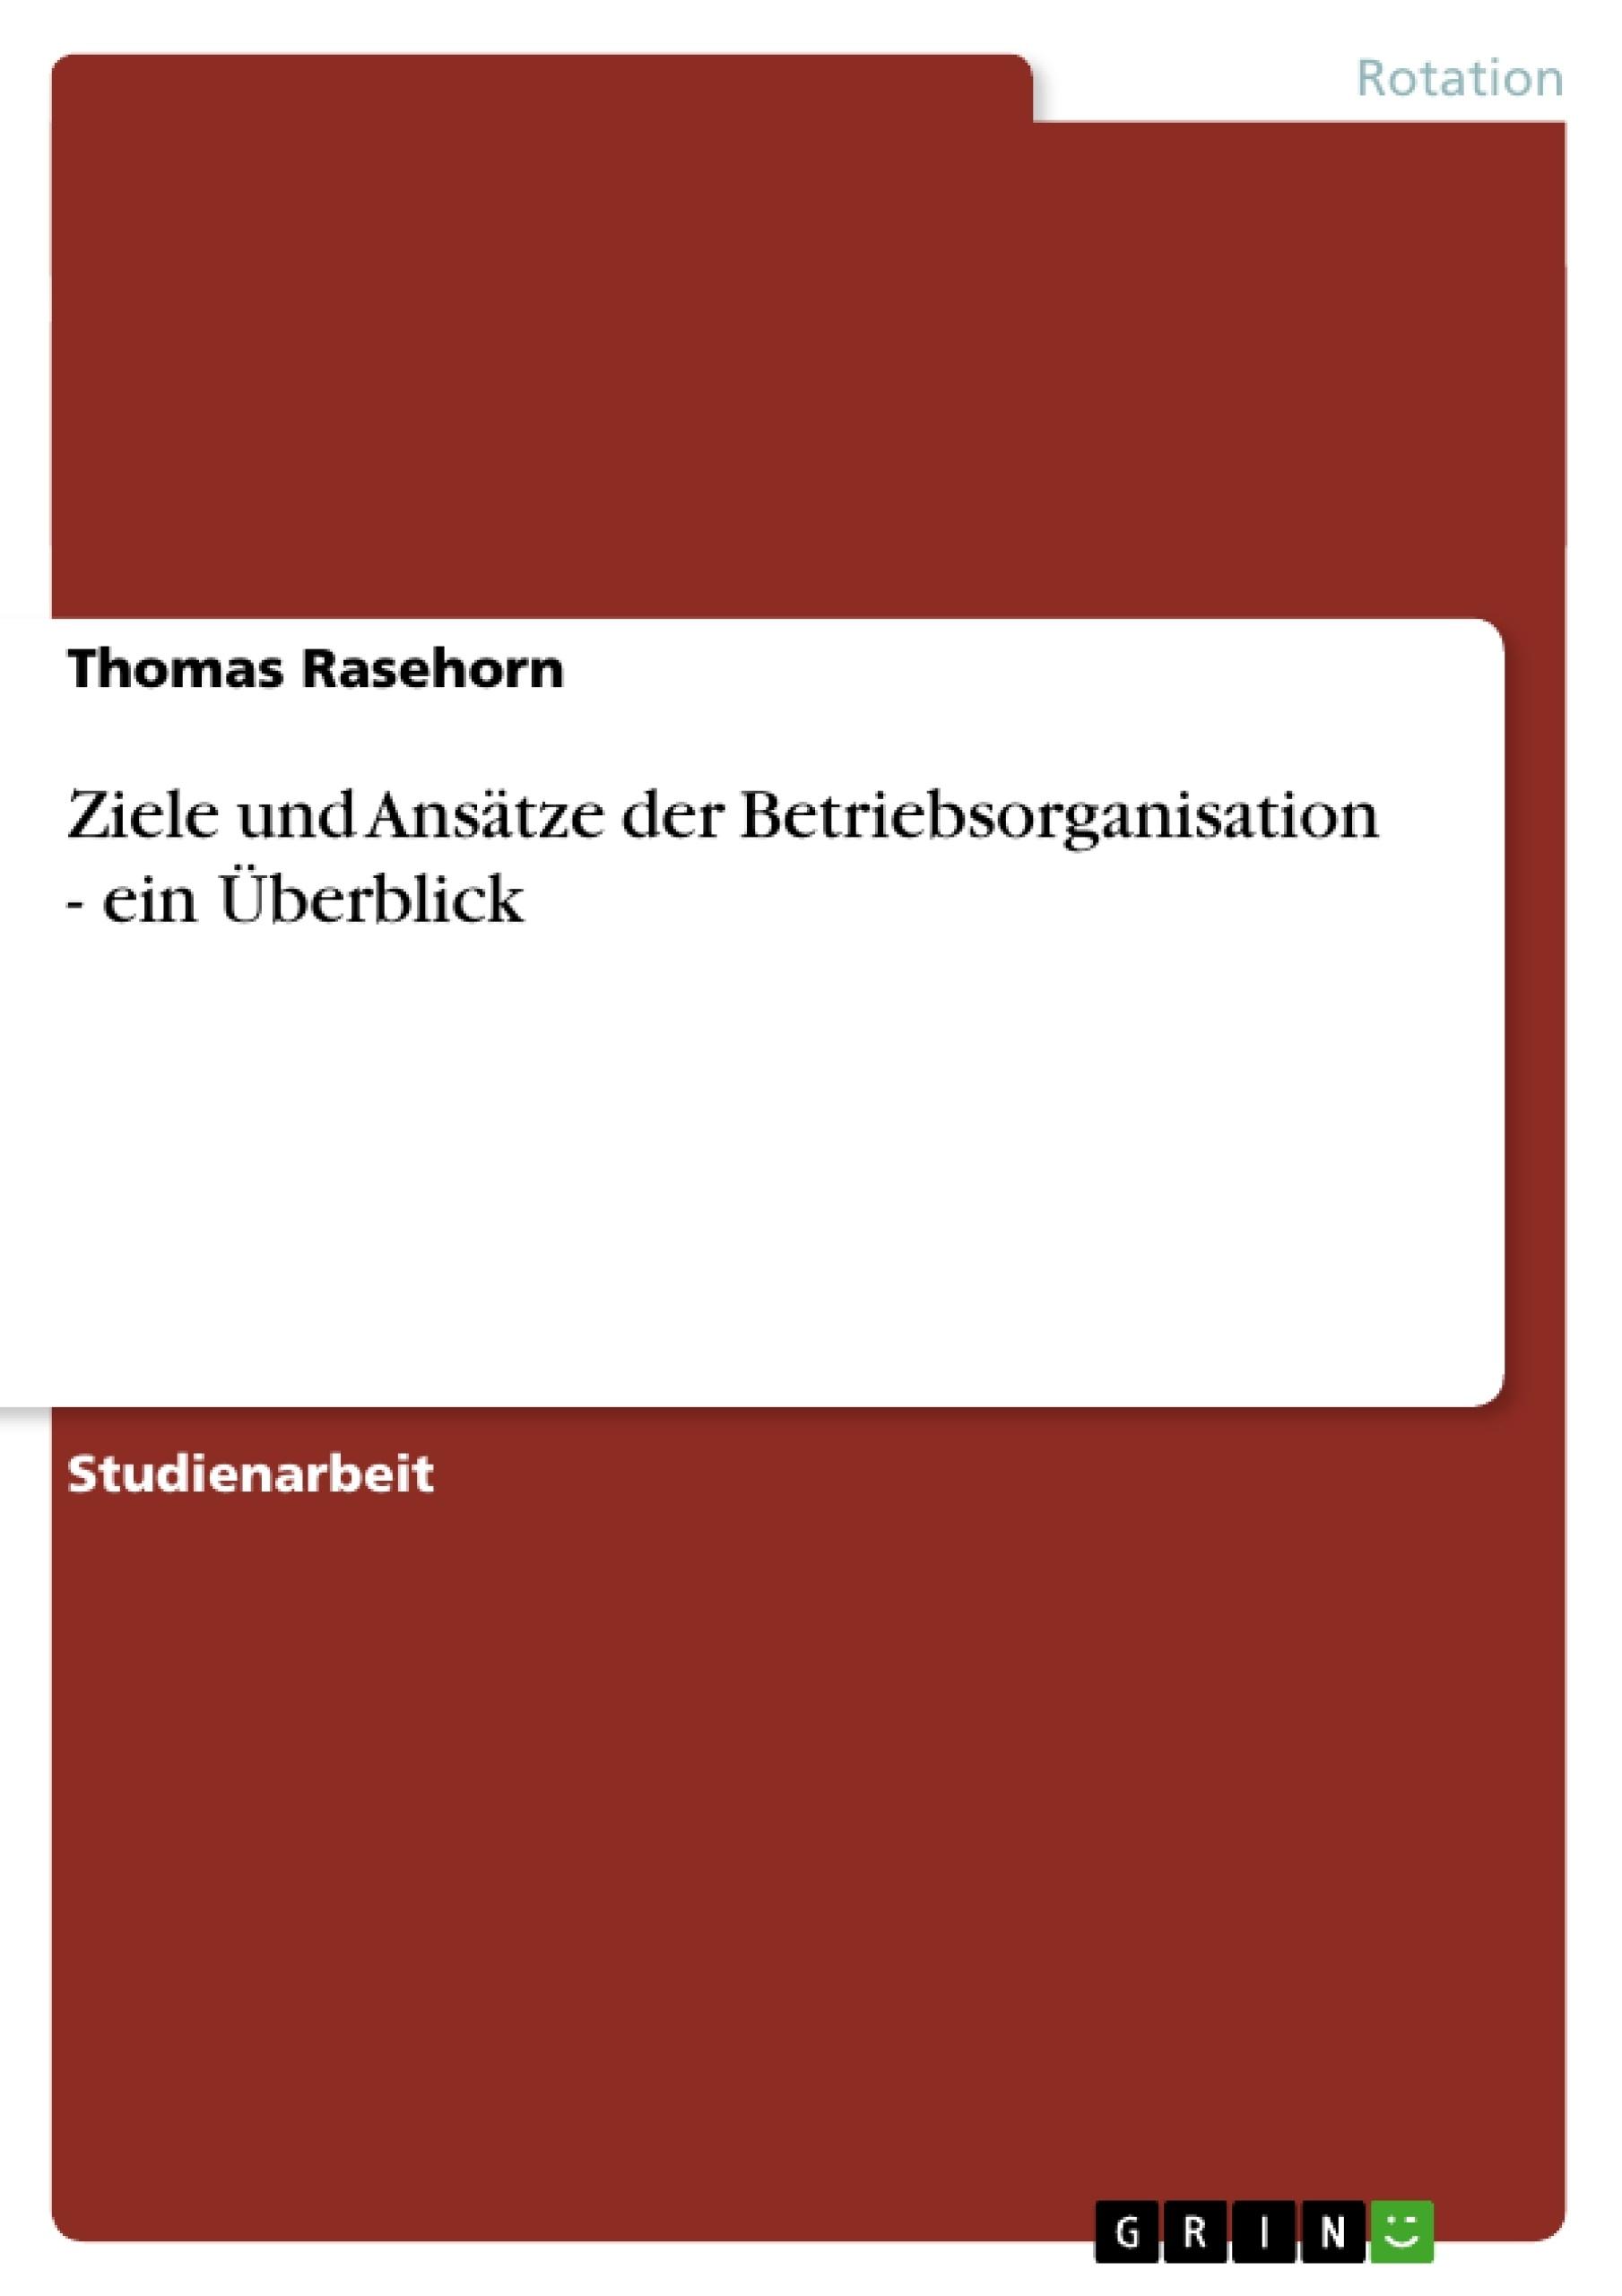 Titel: Ziele und Ansätze der Betriebsorganisation - ein Überblick